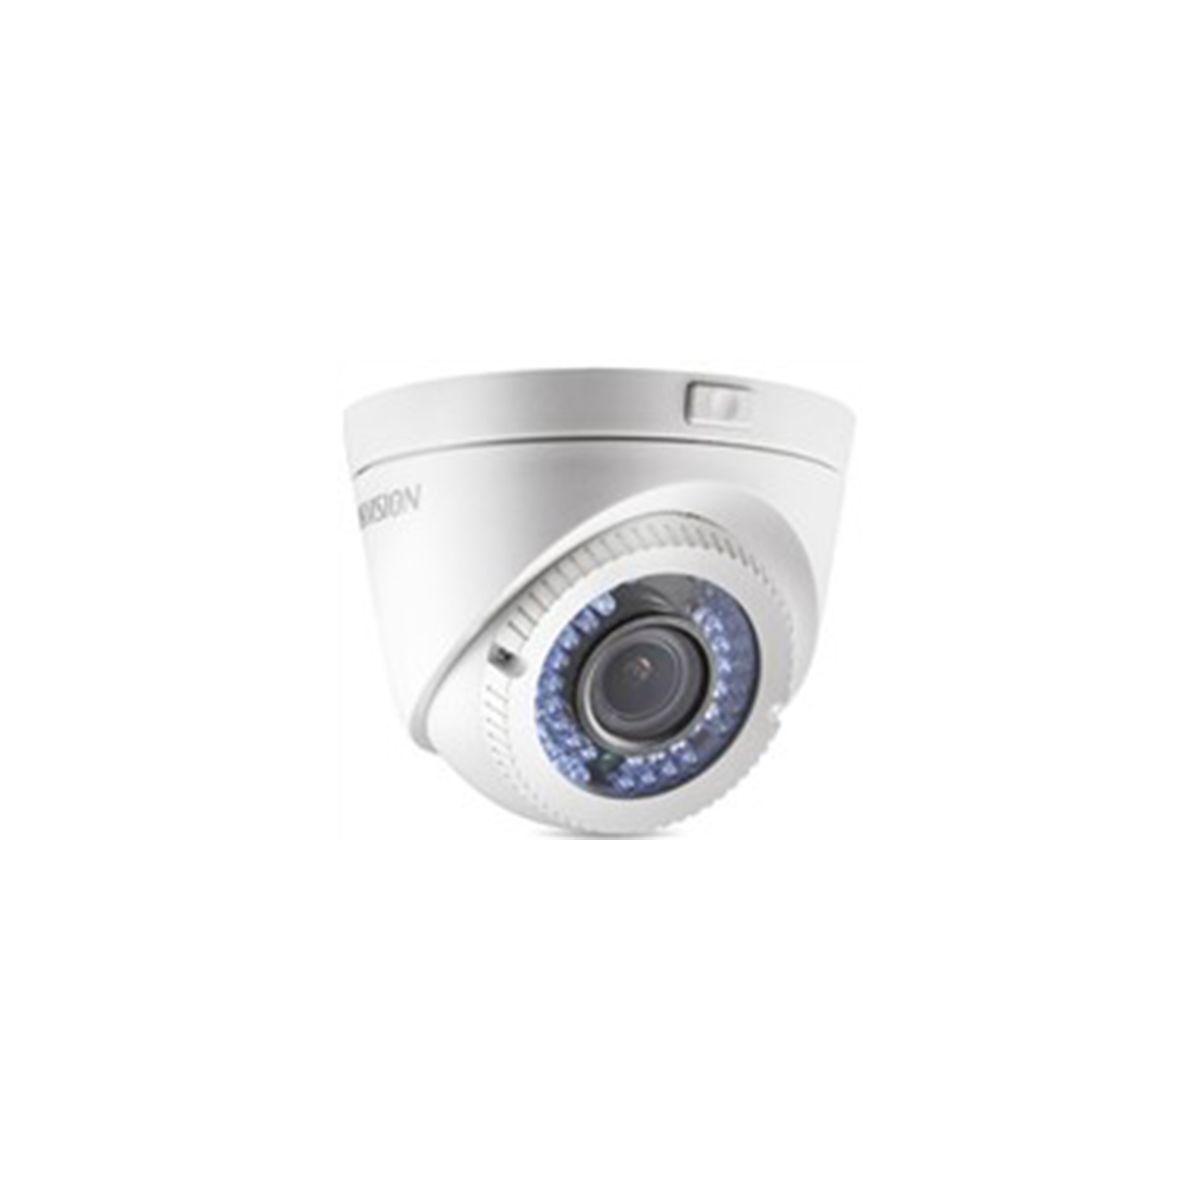 Cámara Hikvision Turbo HD Tipo Domo DS-2CE56D0T-VFIR3F